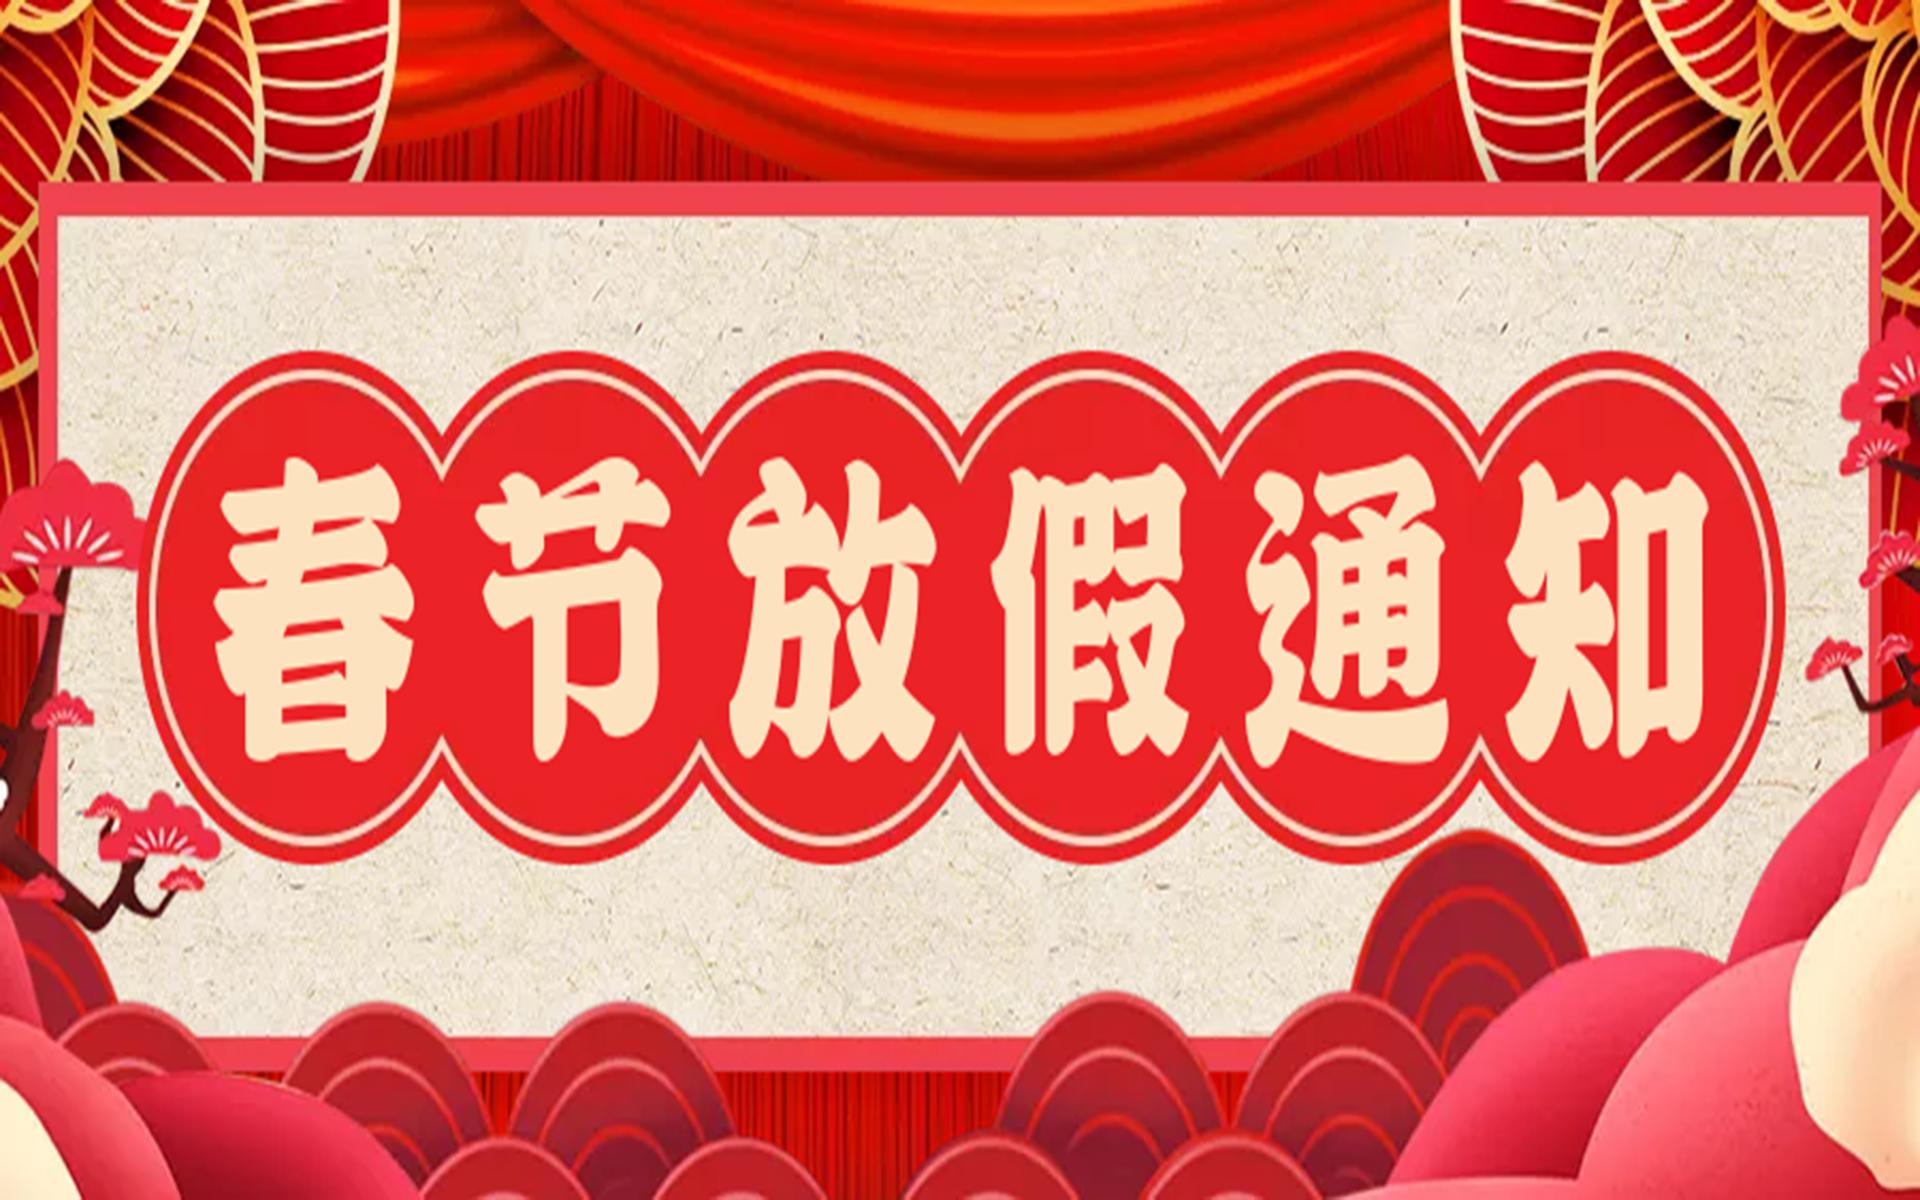 @所有人,关于D32春节营业时间调整的通知!!!